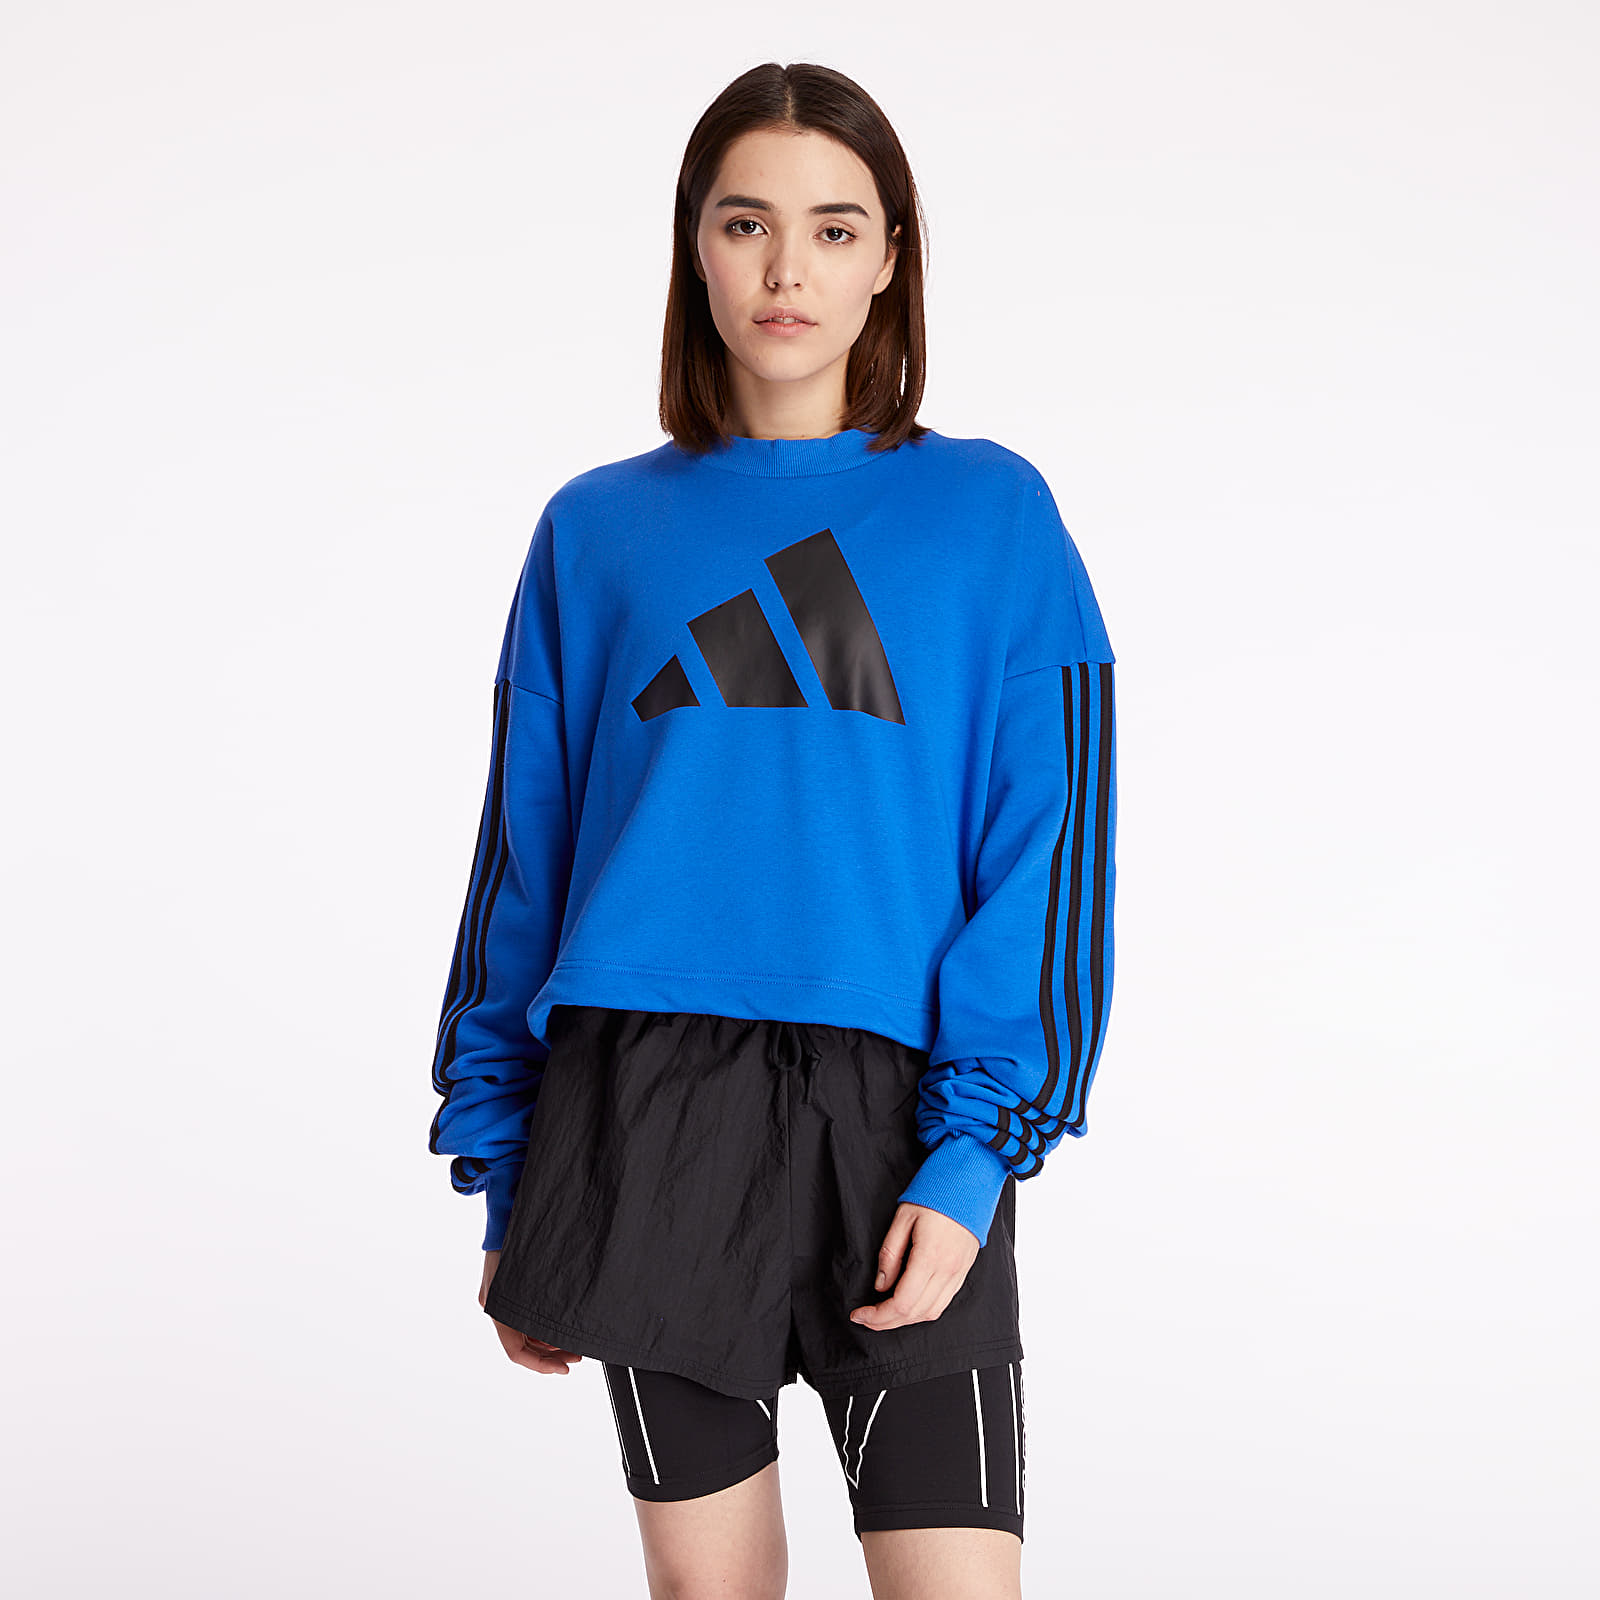 adidas Adjustable Three Stripes Sweatshirt